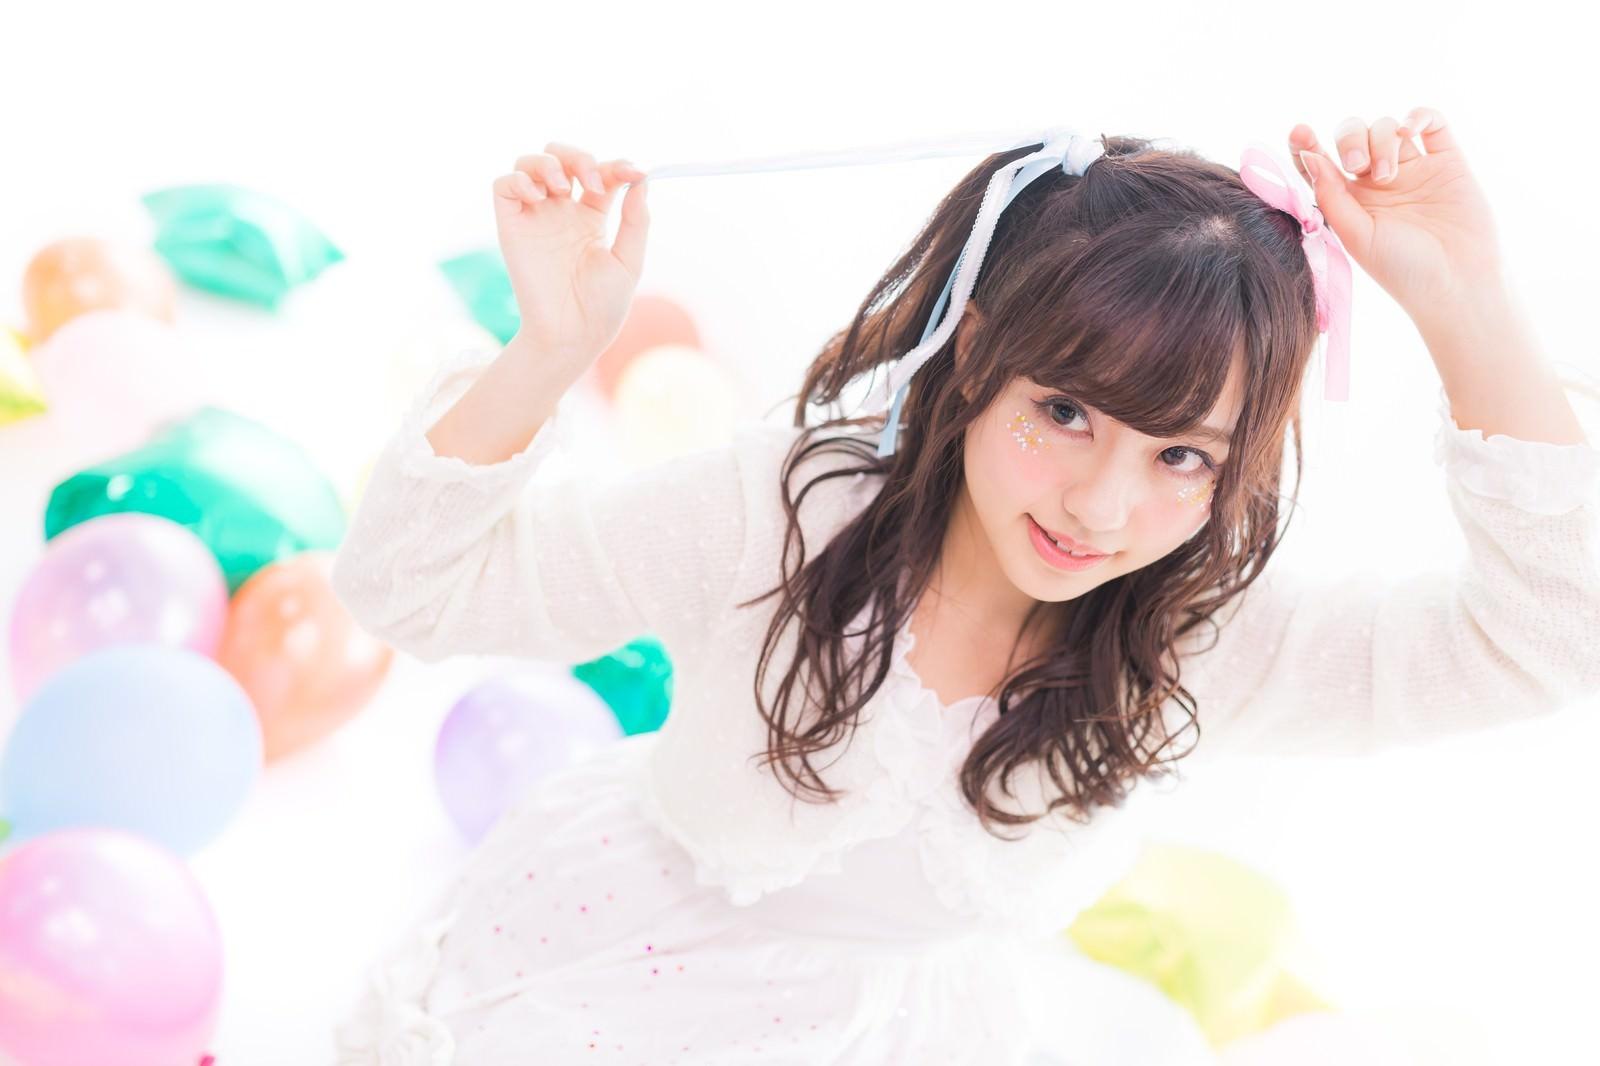 Yuka-Kawamura-Free-Stock-Photo-Idol-06.jpg